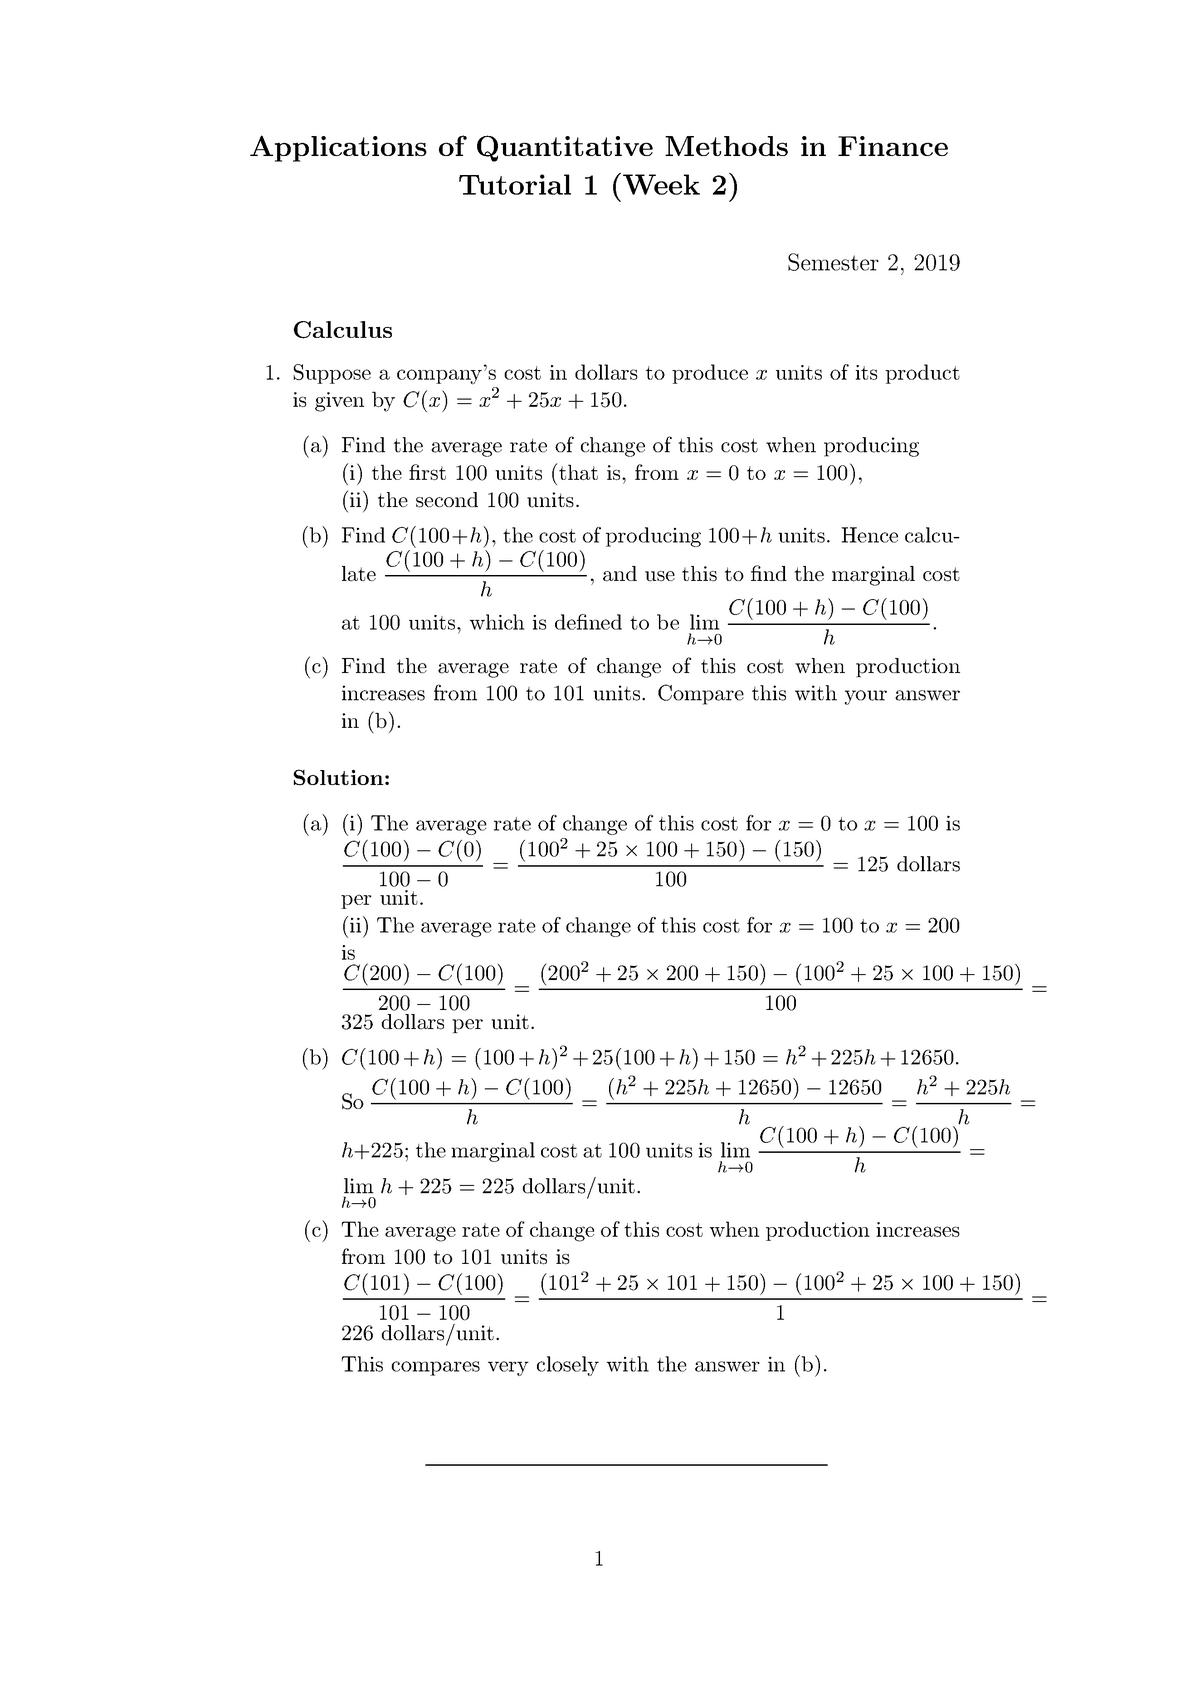 Aqmf aqmf 2019 s2 tutorial 1 sol - maths 1010 - studocu